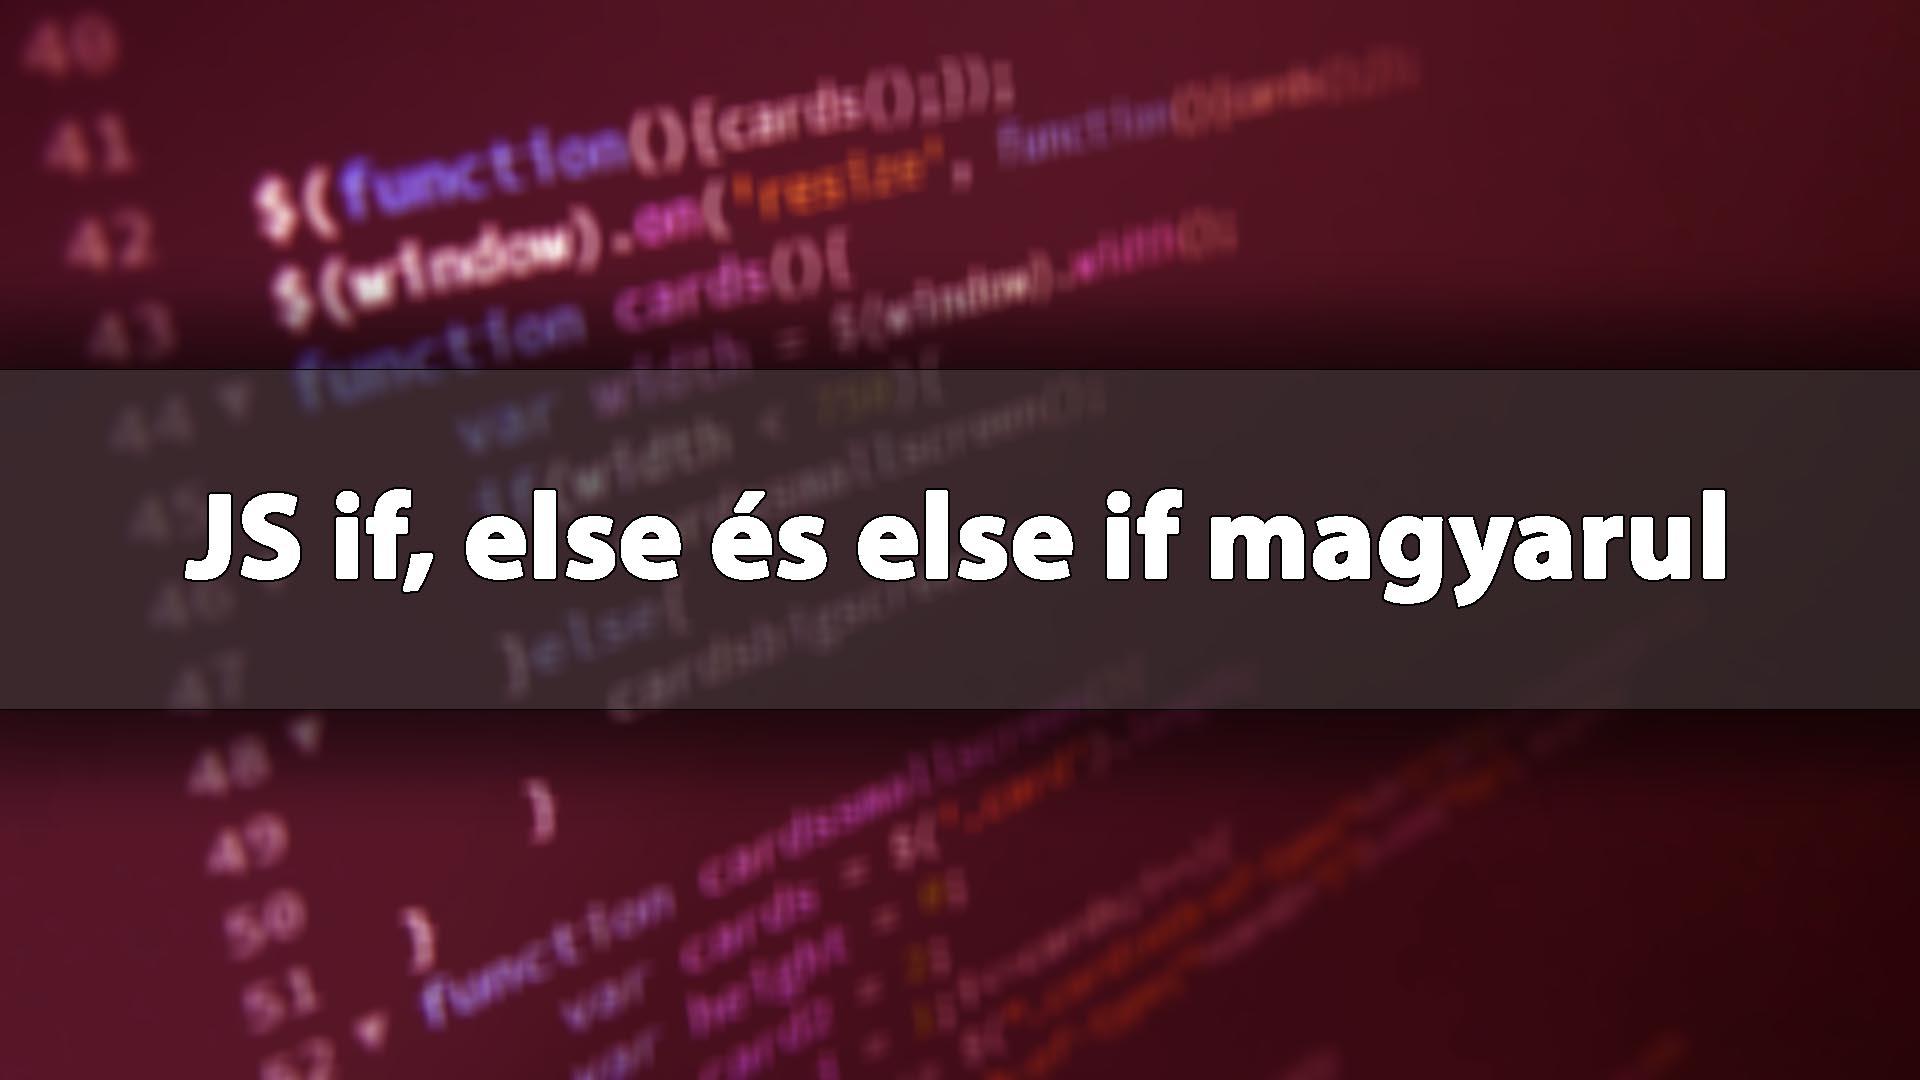 if használata a JavaScript-ben (JS if, else és else if magyarul) című cikk borítóképe